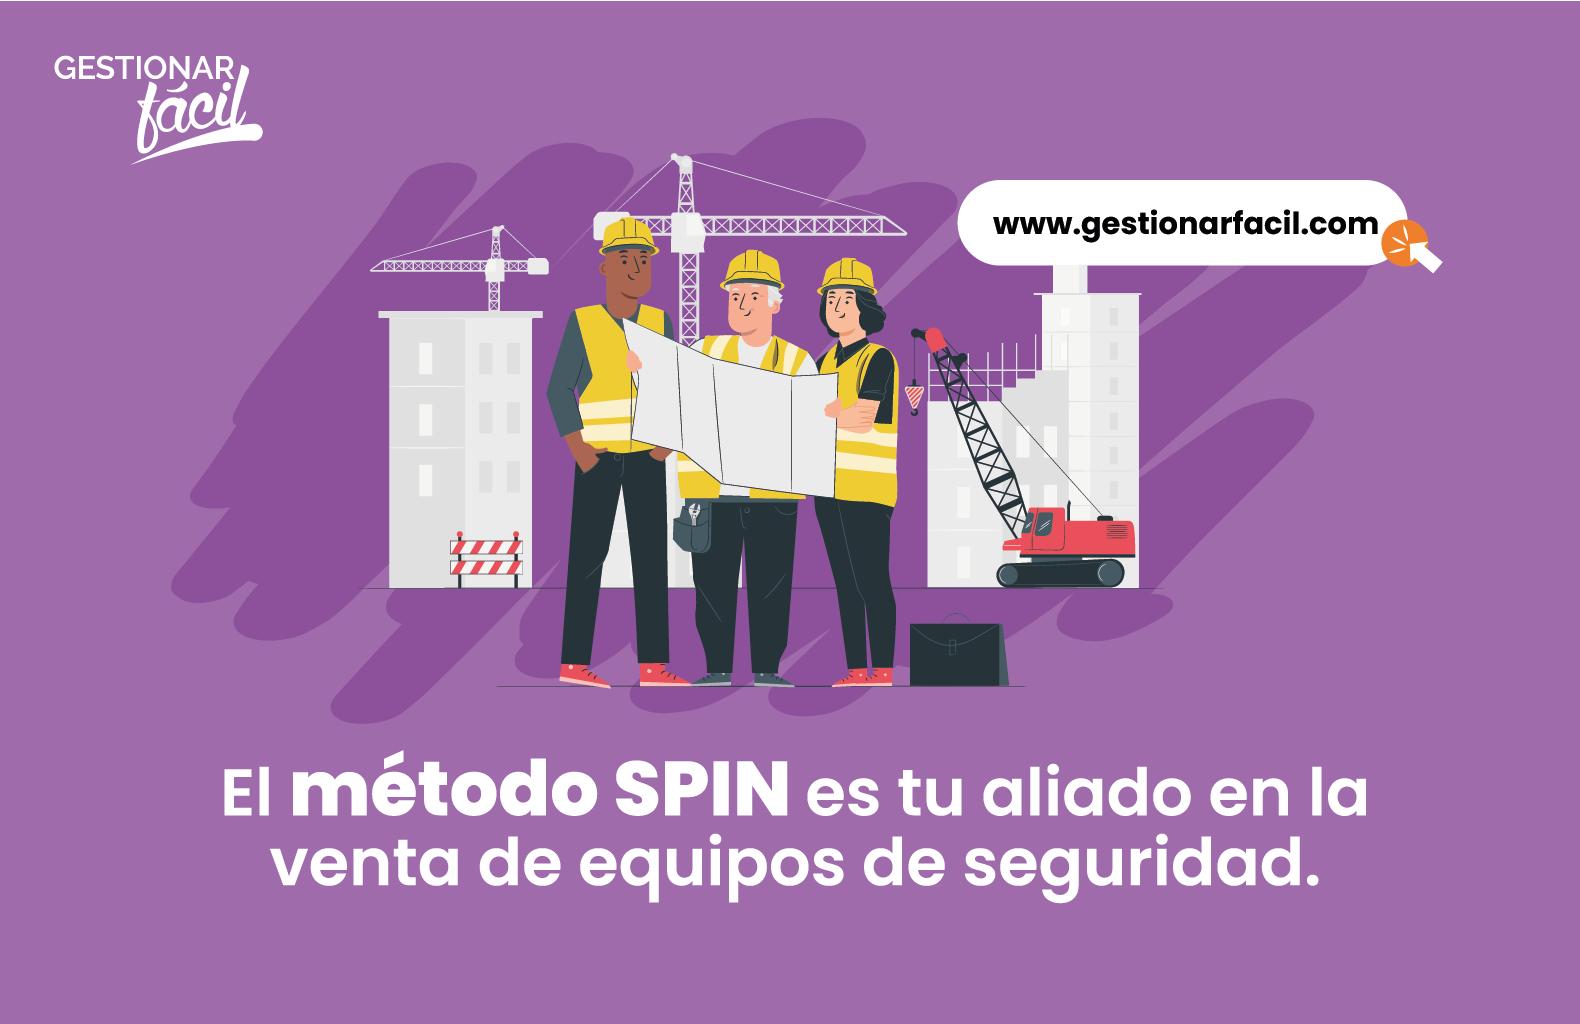 El método SPIN es tu aliado en la venta de equipos de seguridad.